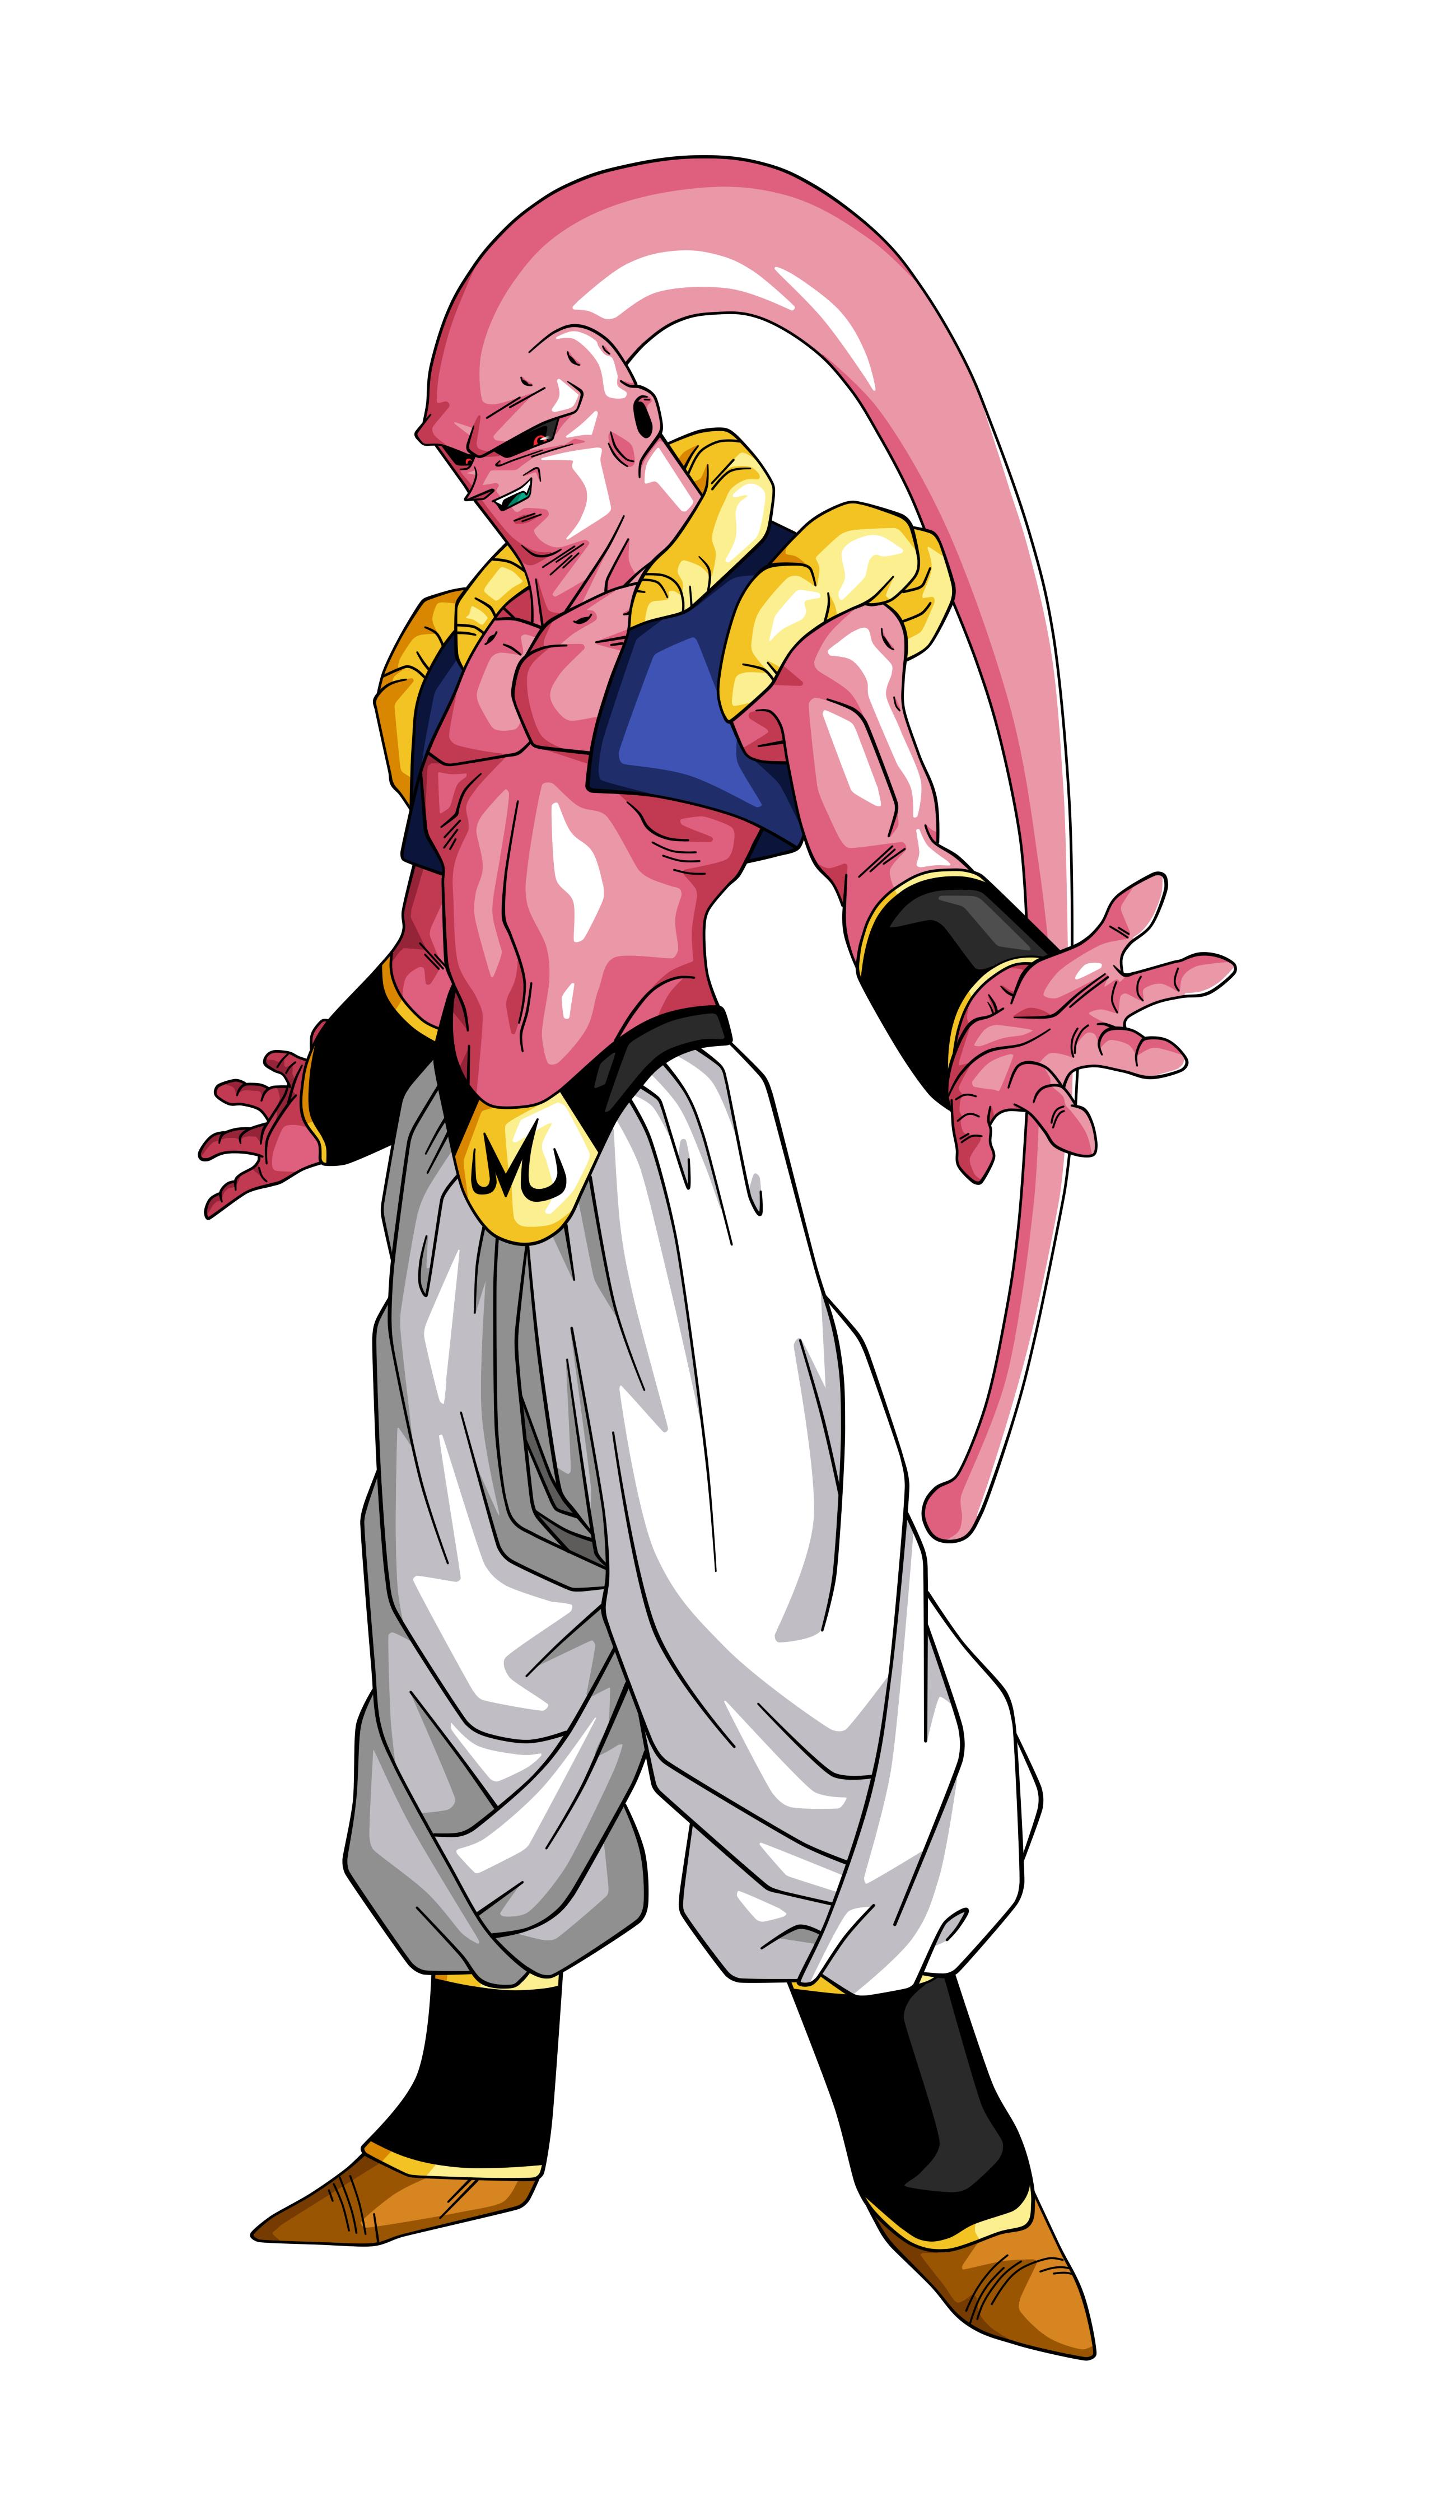 Majin Buu Gotenks Piccolo By Hyb1rd 1982 D9tv4c6 Png 2600 4500 Anime Dragon Ball Super Dragon Ball Super Goku Dragon Ball